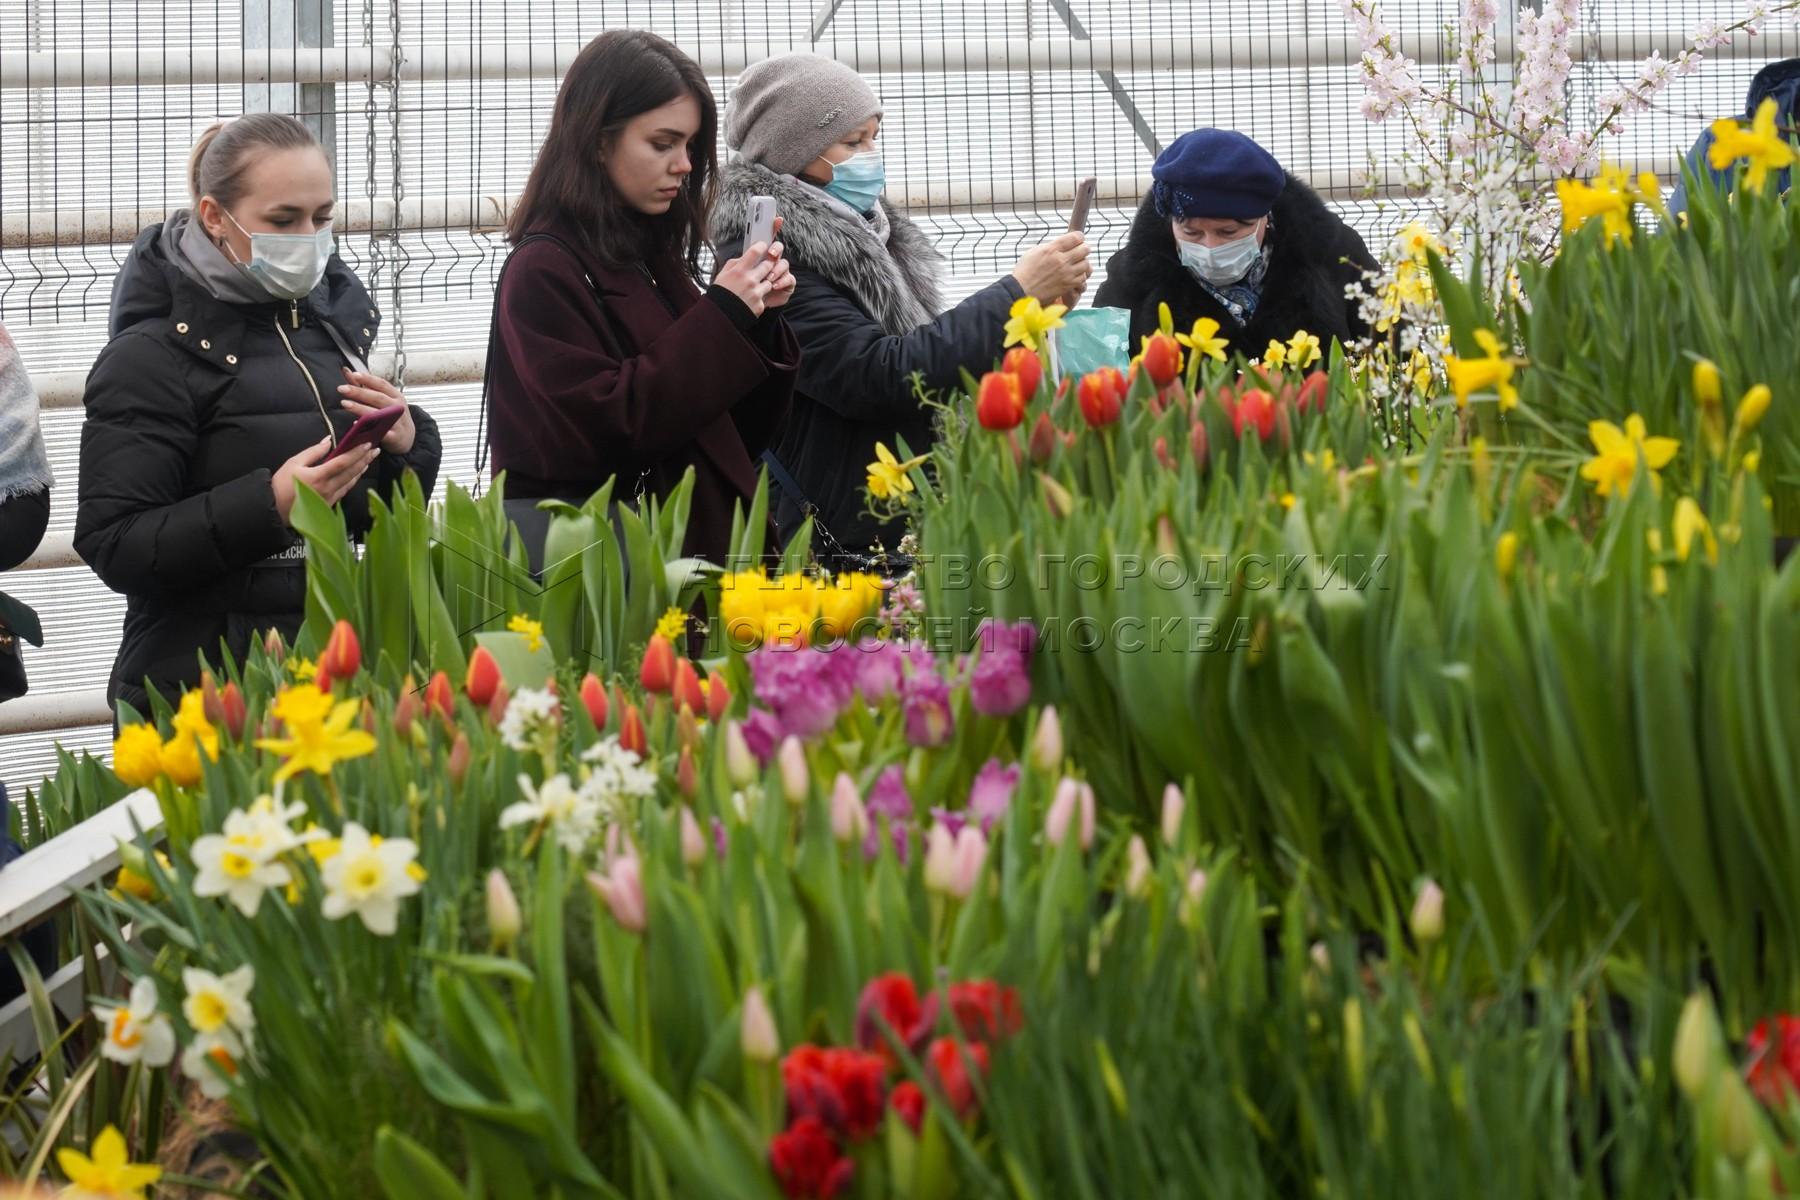 Фестиваль тюльпанов в Аптекарском огороде.